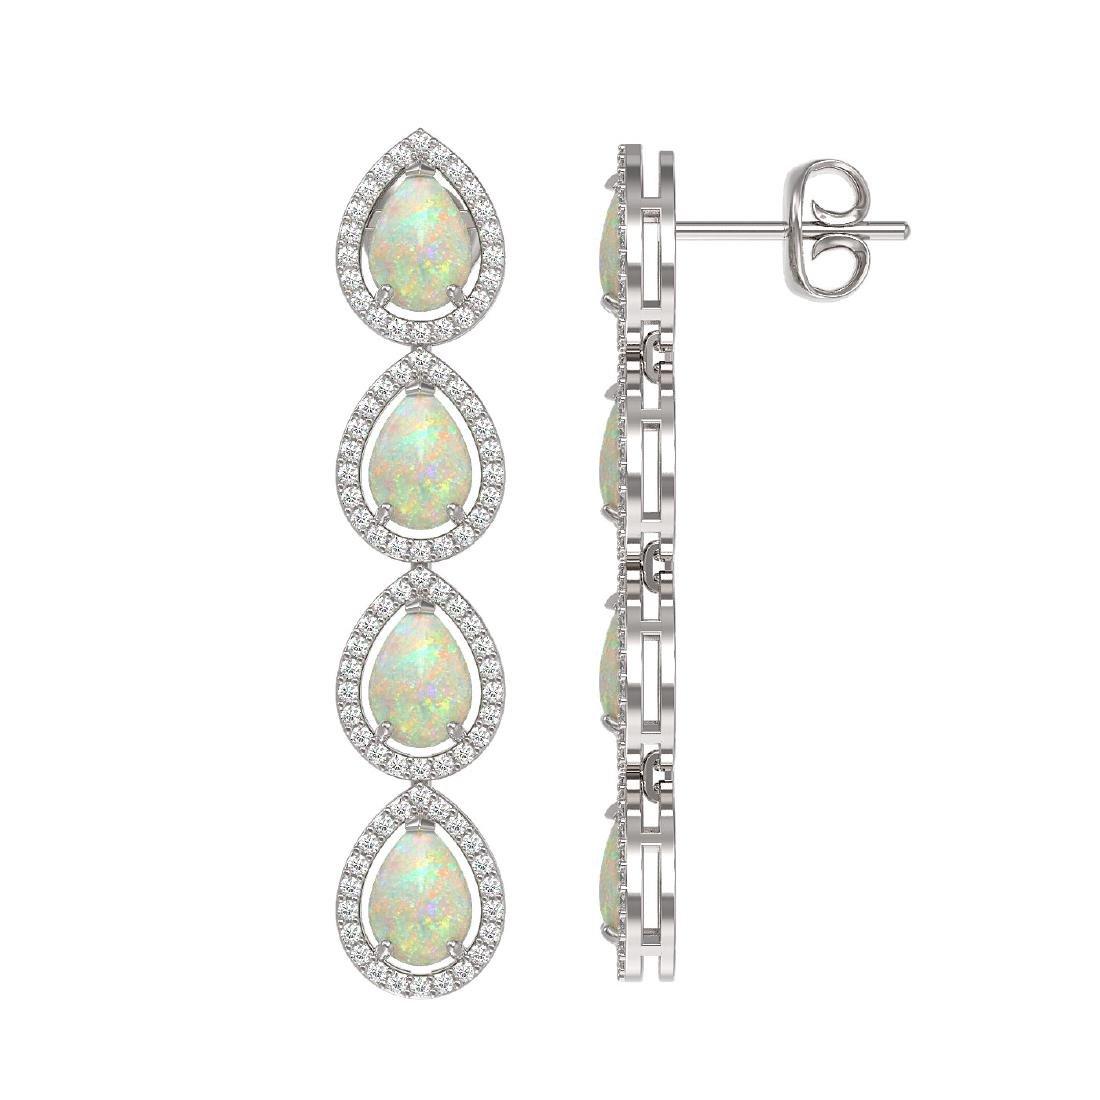 6.2 CTW Opal & Diamond Halo Earrings 10K White Gold - 2